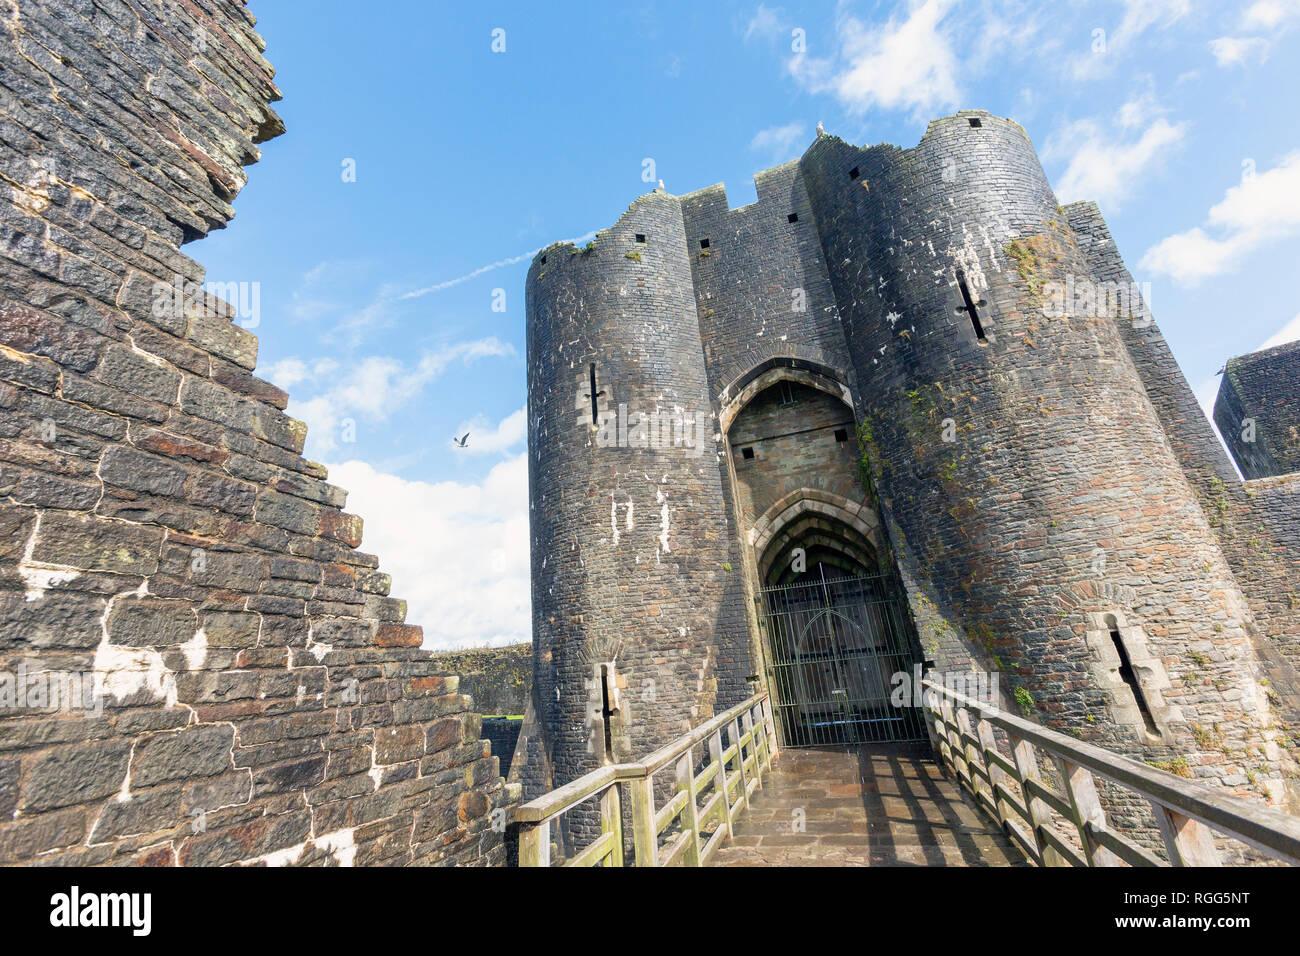 Caerphilly, Caerphilly, Wales, Regno Unito. Caerphilly ingresso al castello. Immagini Stock